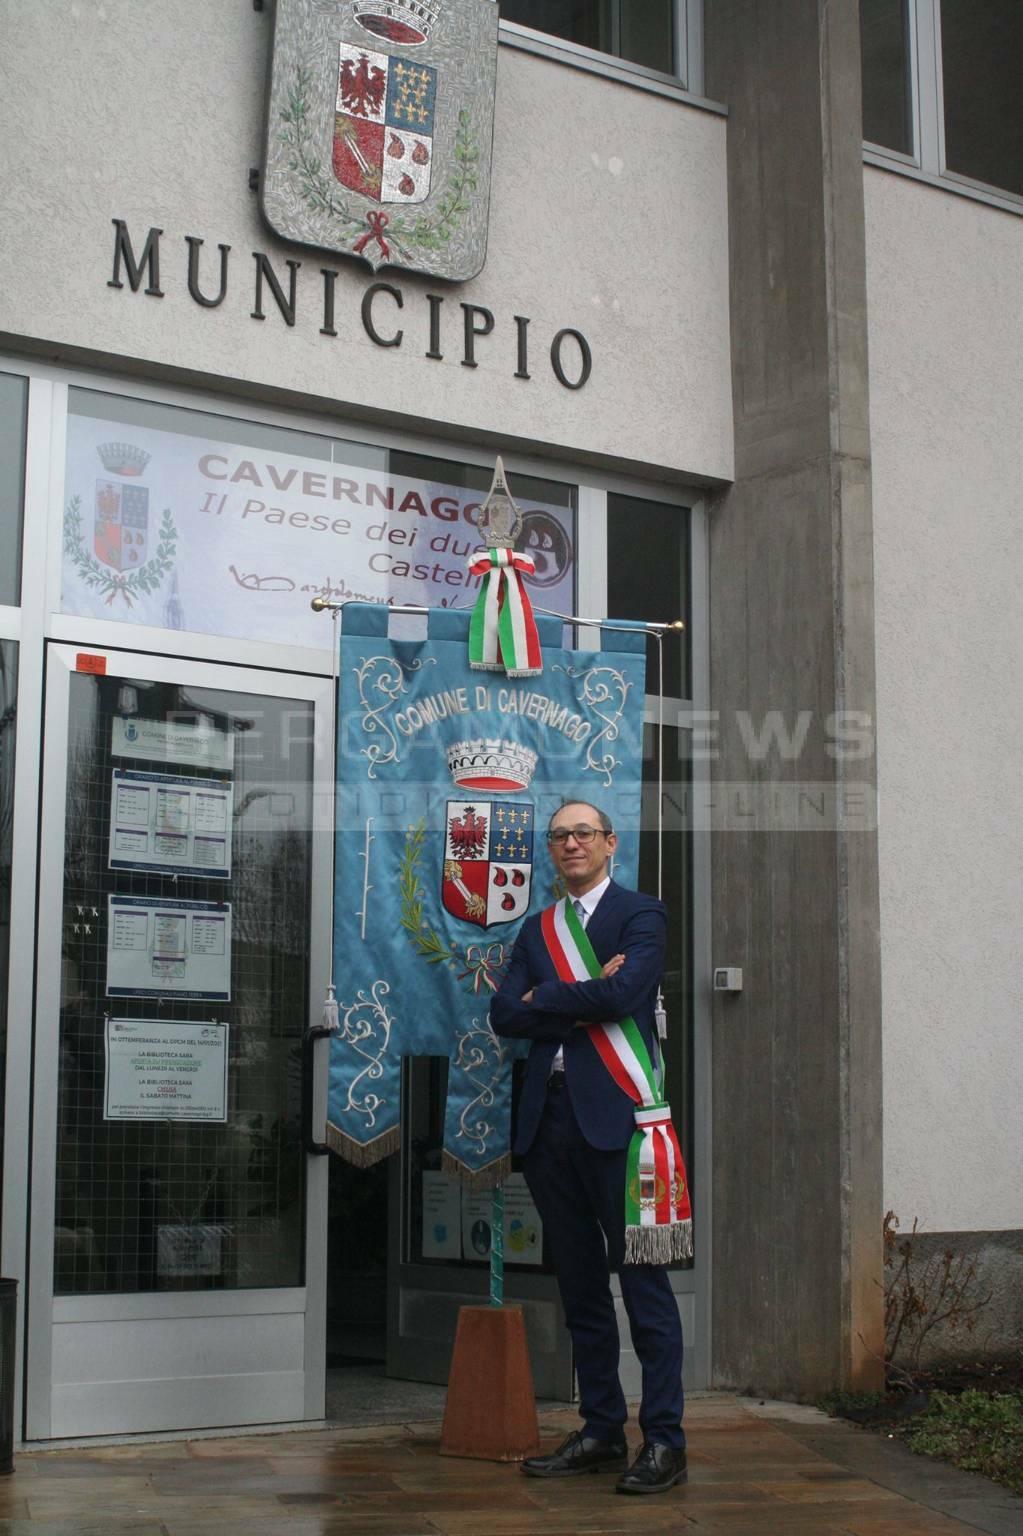 Gentilezza ai nuovi nati: Cavernago, primo bergamasco, aderisce alla Giornata